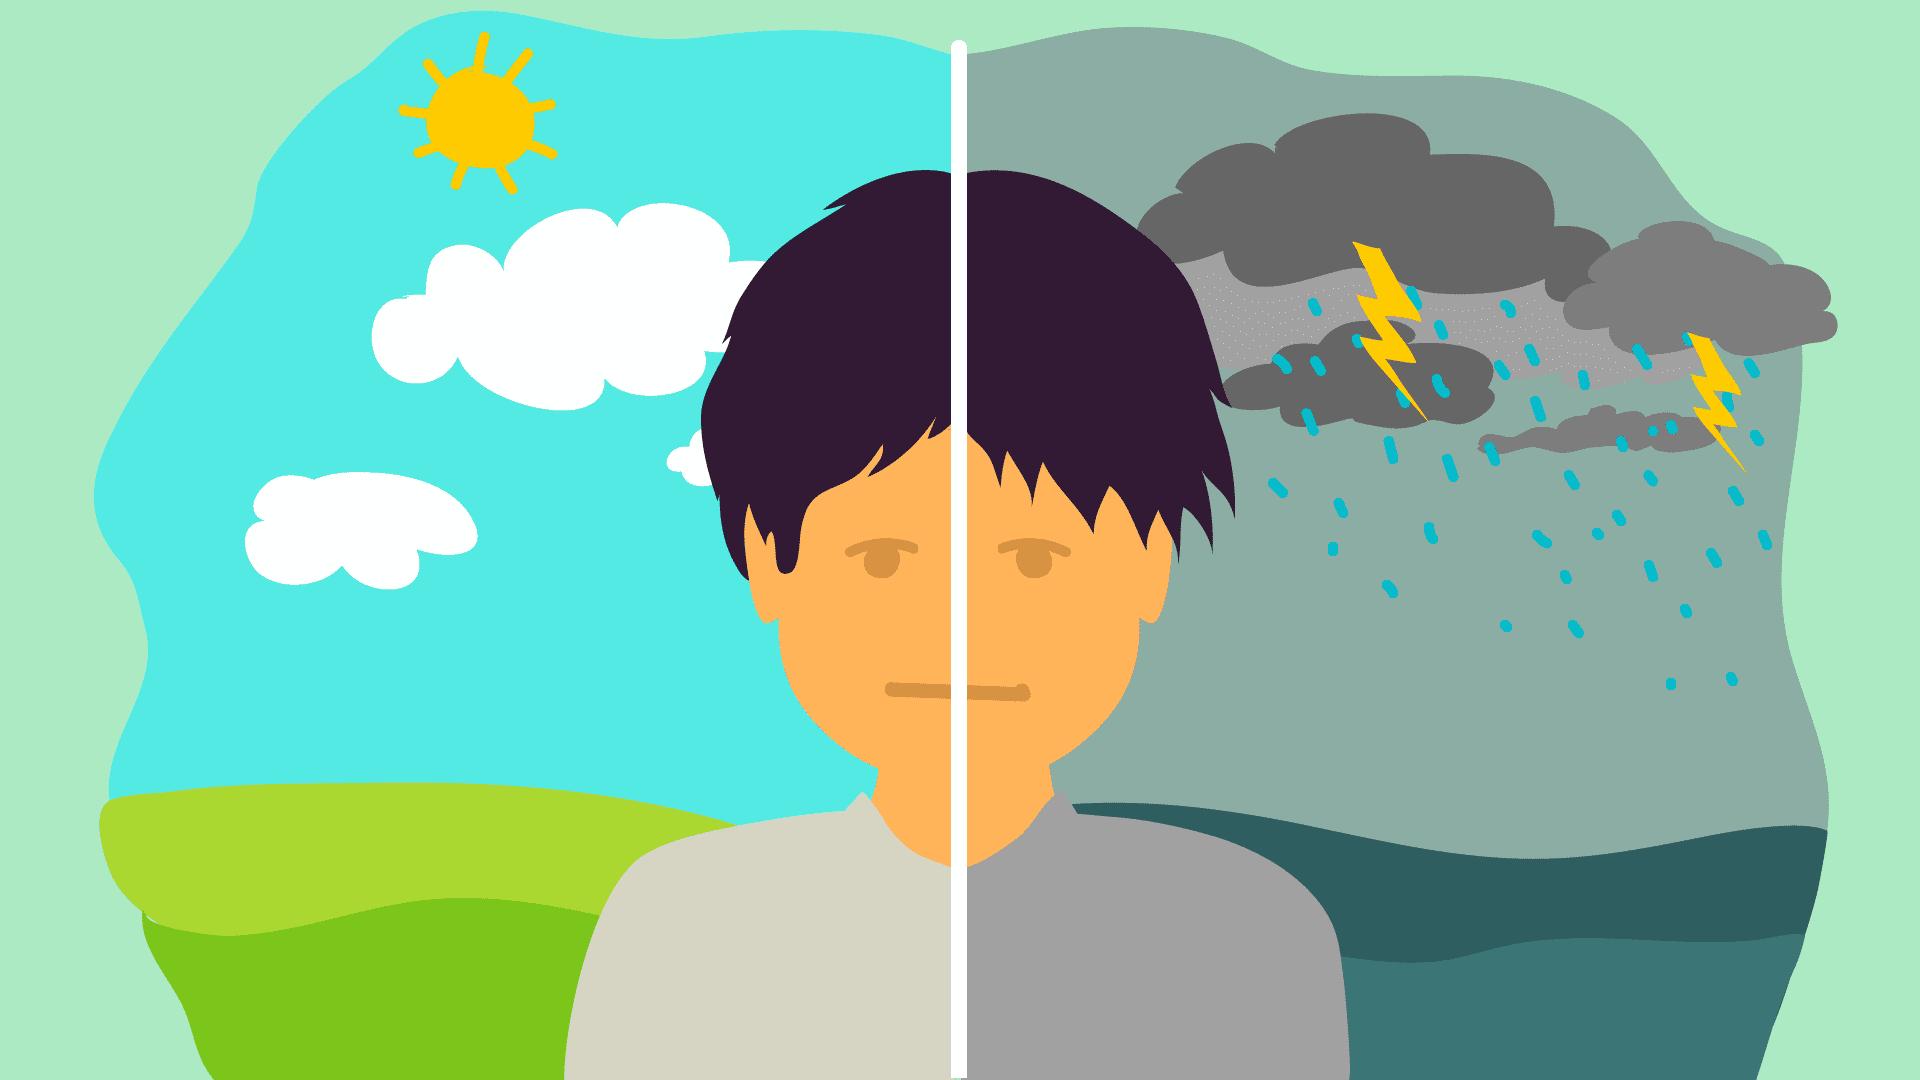 Биполярное аффективное расстройство (БАР)— это психическое заболевание, как правило, характеризующееся сменой депрессивных иманиакальных фаз.